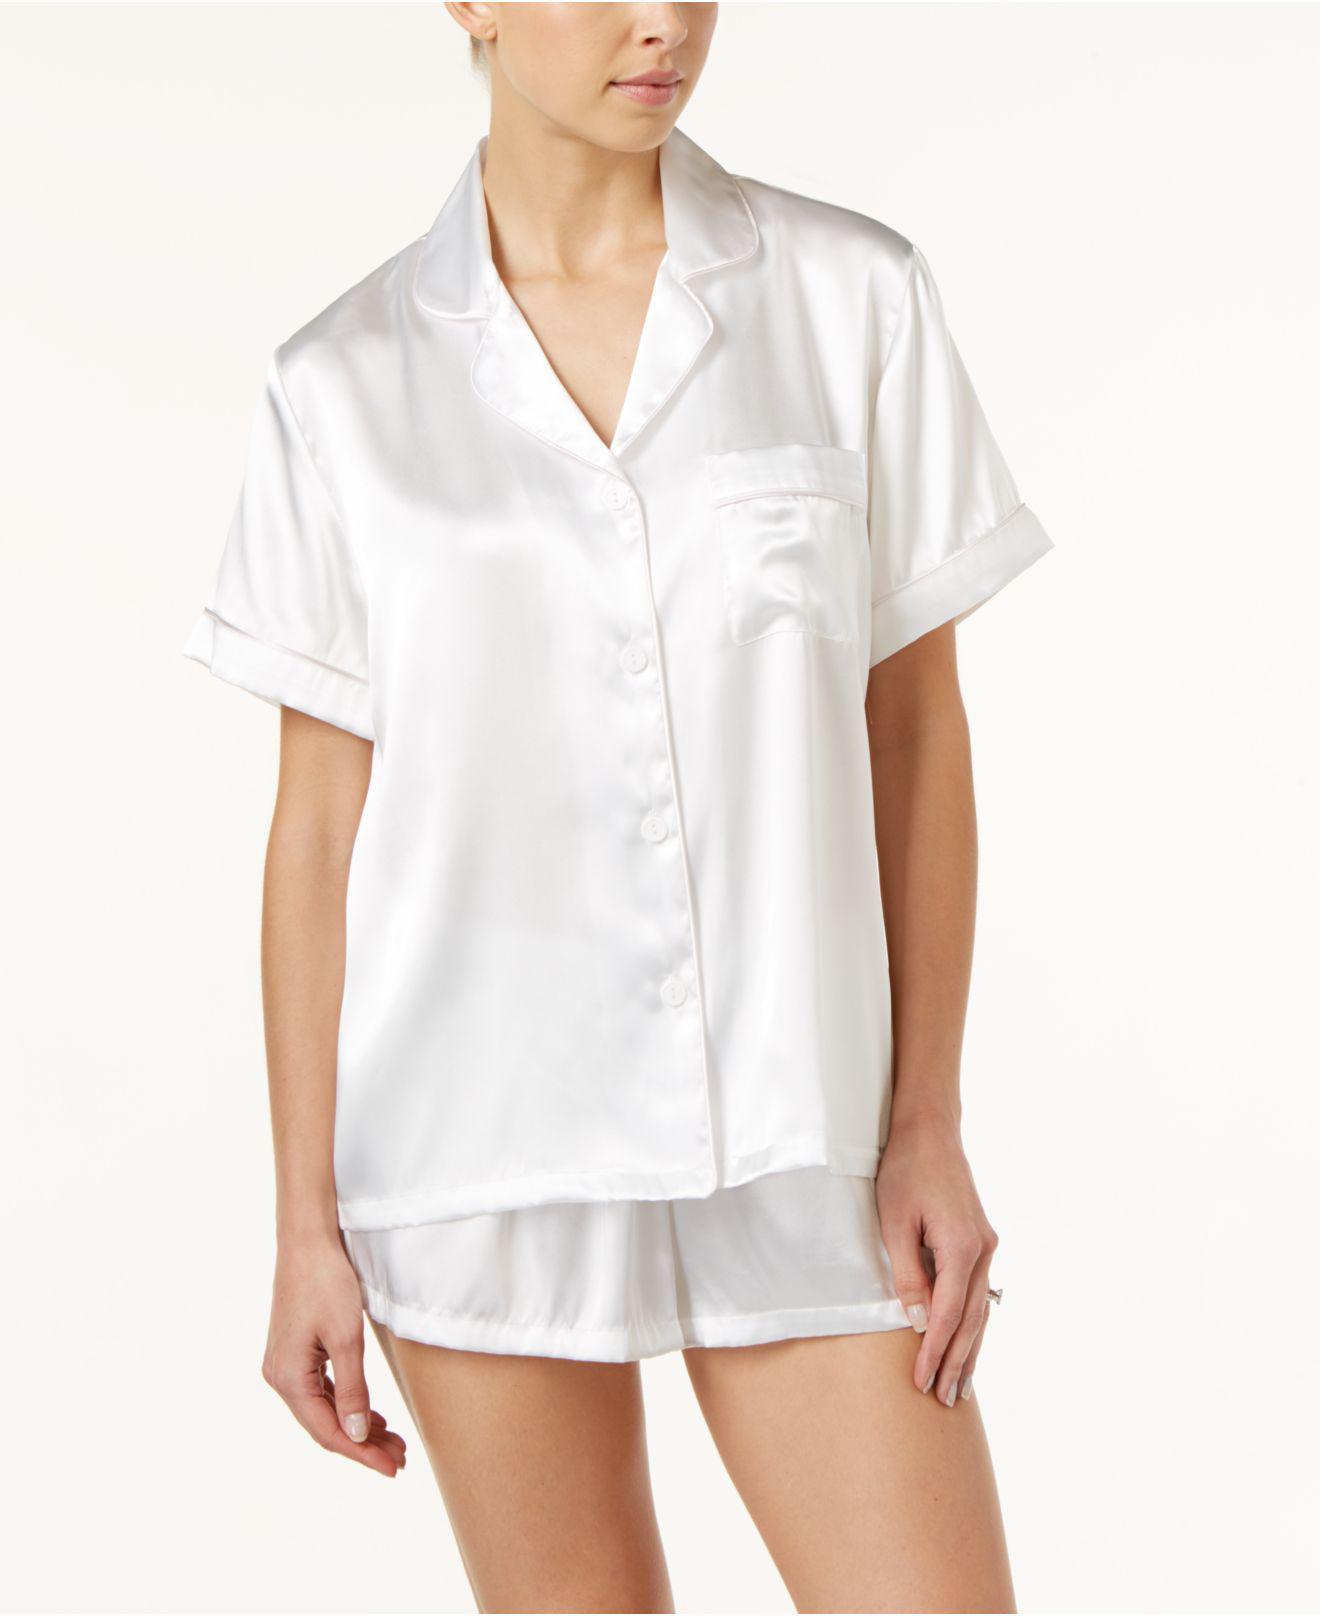 ac12f691bb Lyst - Linea Donatella Bride-embroidered Boyfriend Short Pajama Set in White